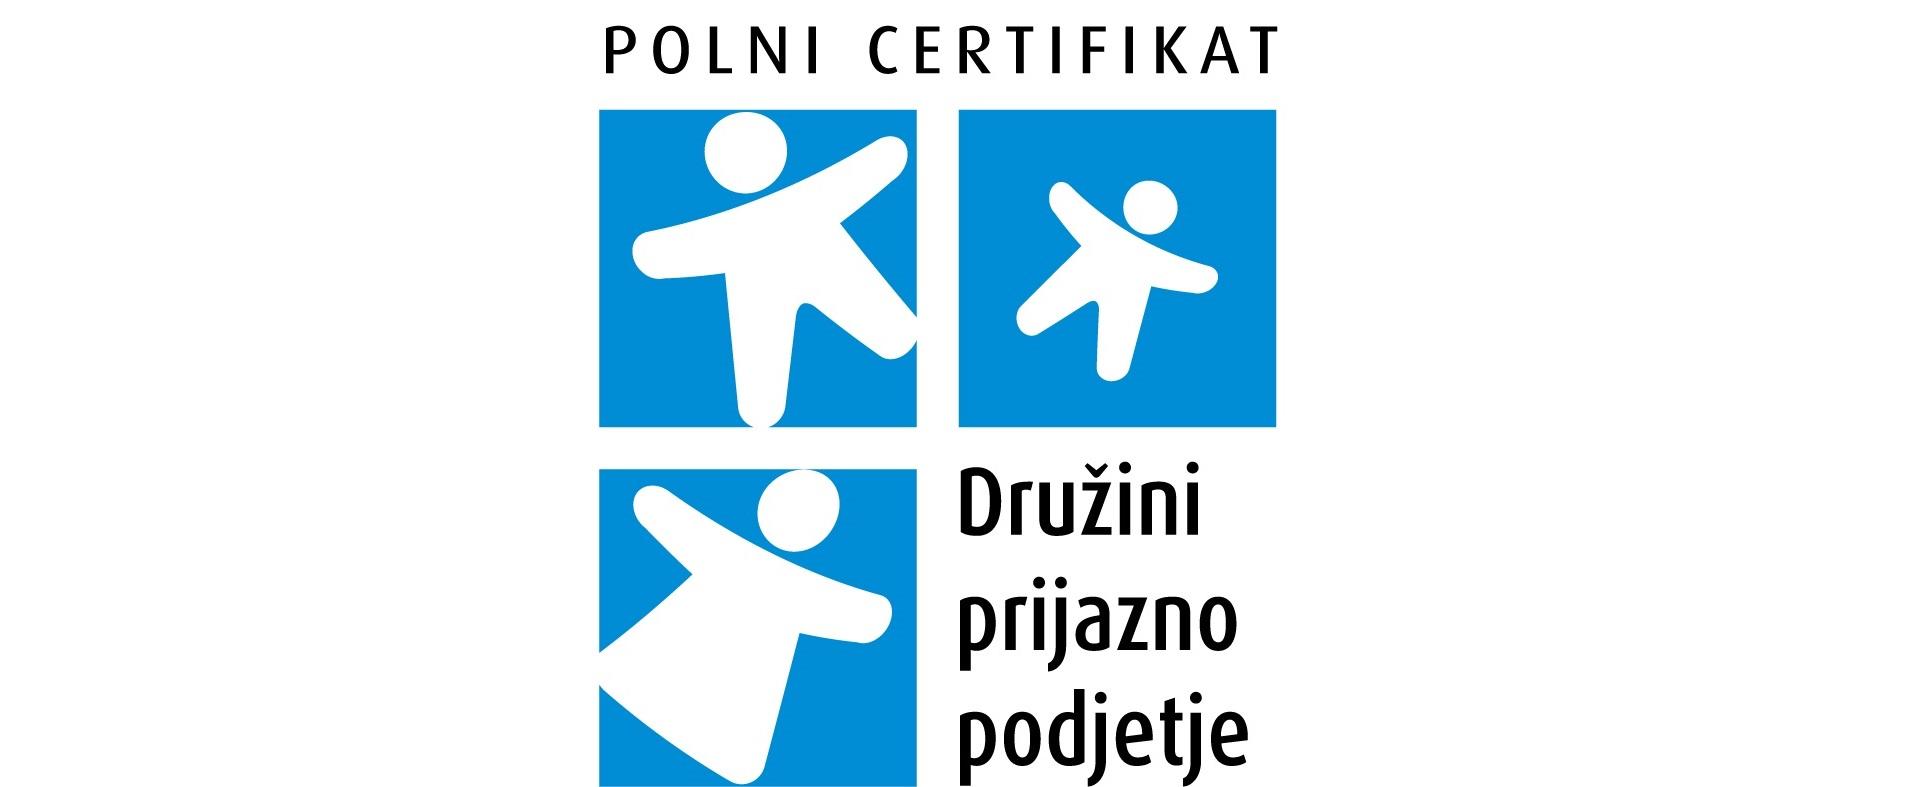 druzini-prijazno-polni-v3